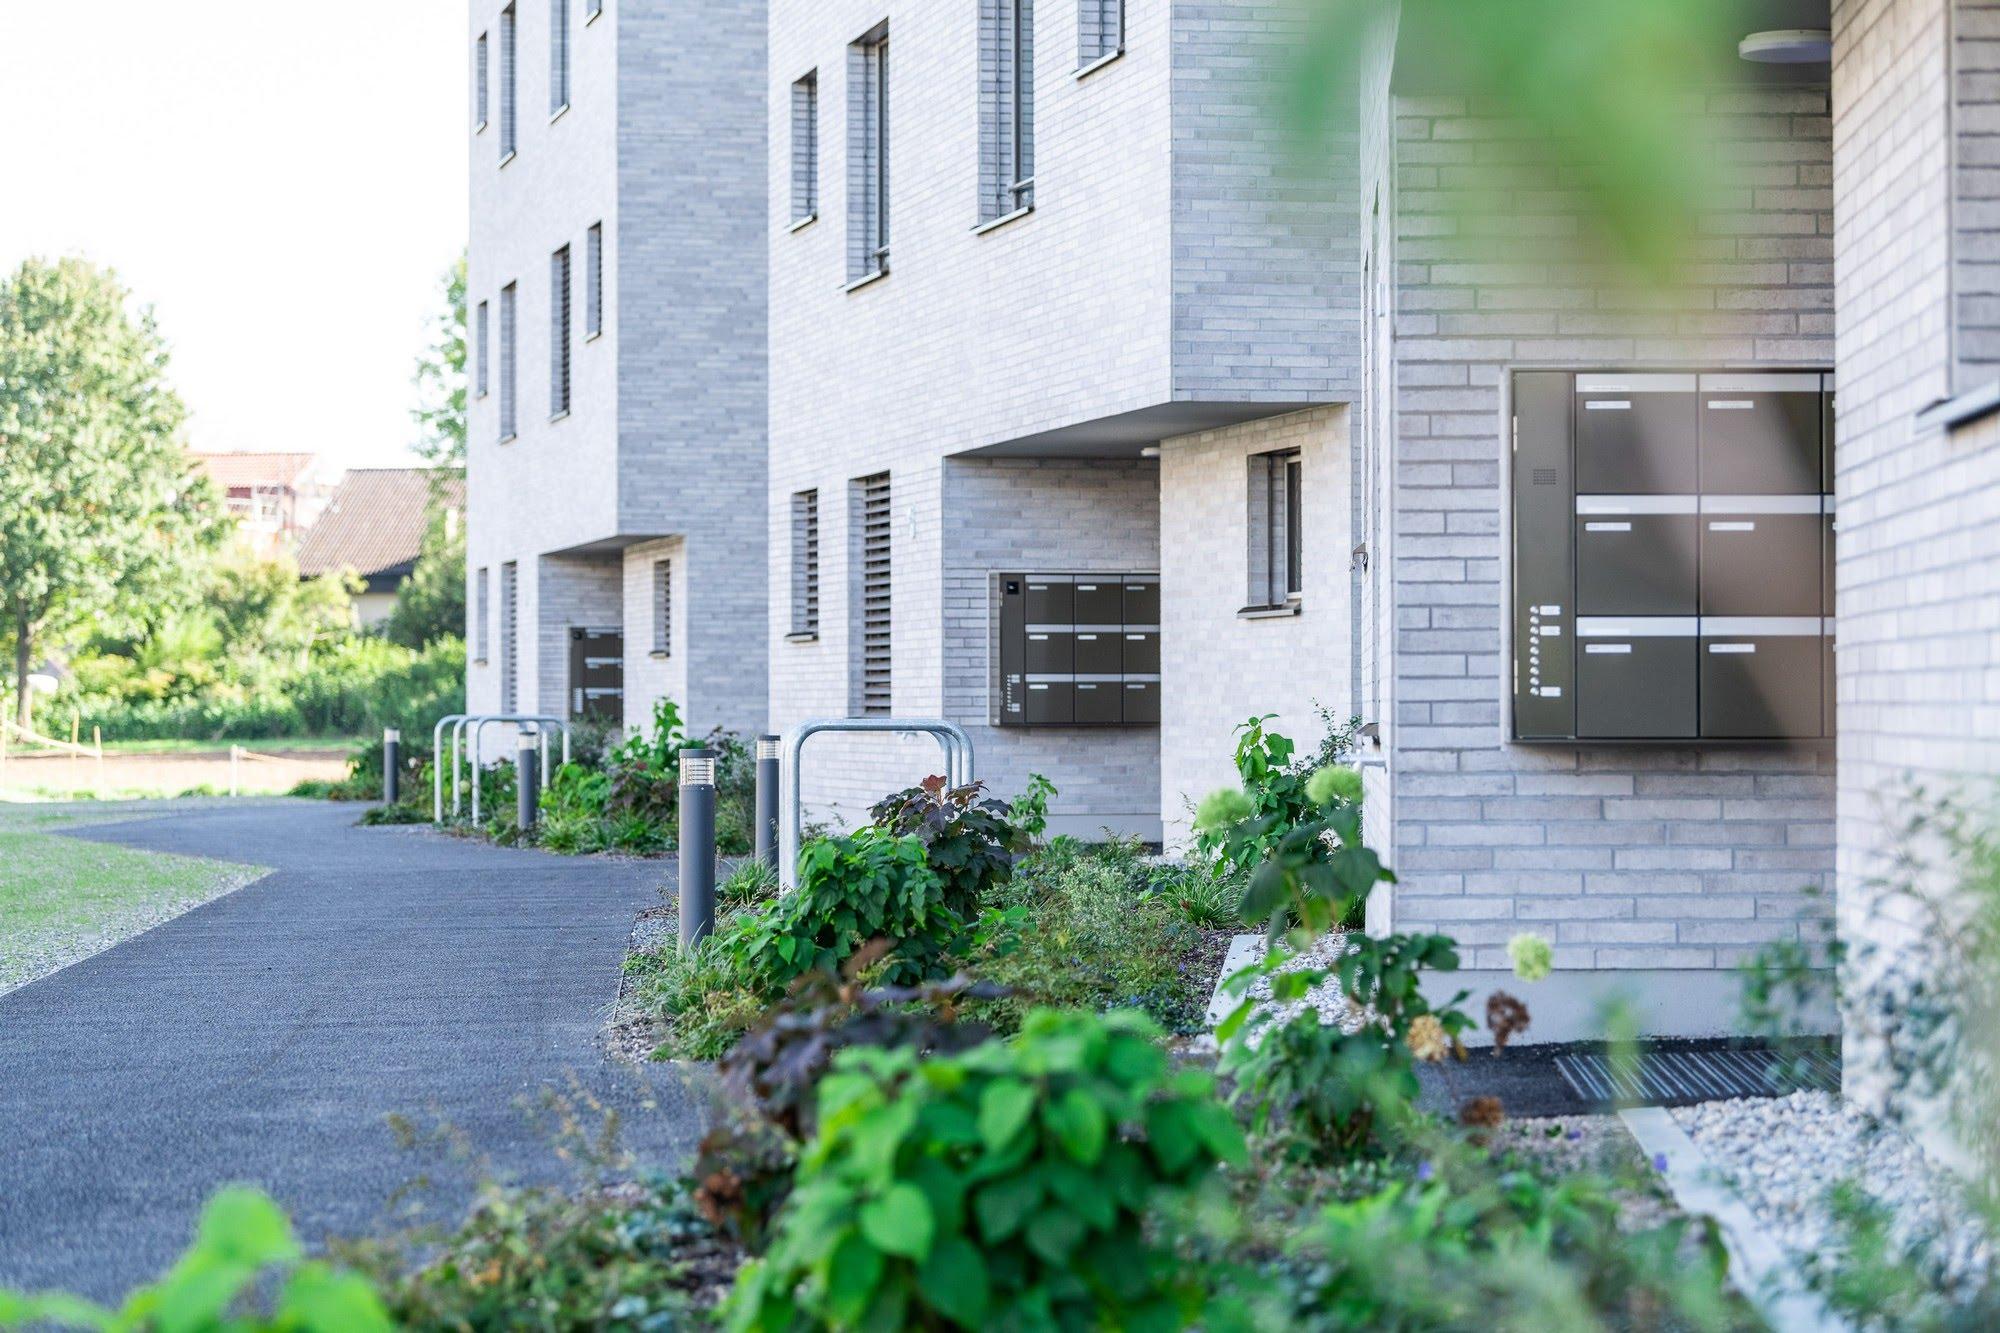 Wohnen MFH Wohnüberbauung Zur Suure in Oberkirch Architektur,Wohnungsbau,Wohnhäuser,Einfamilienhäuser,Mehrfamilienhäuser